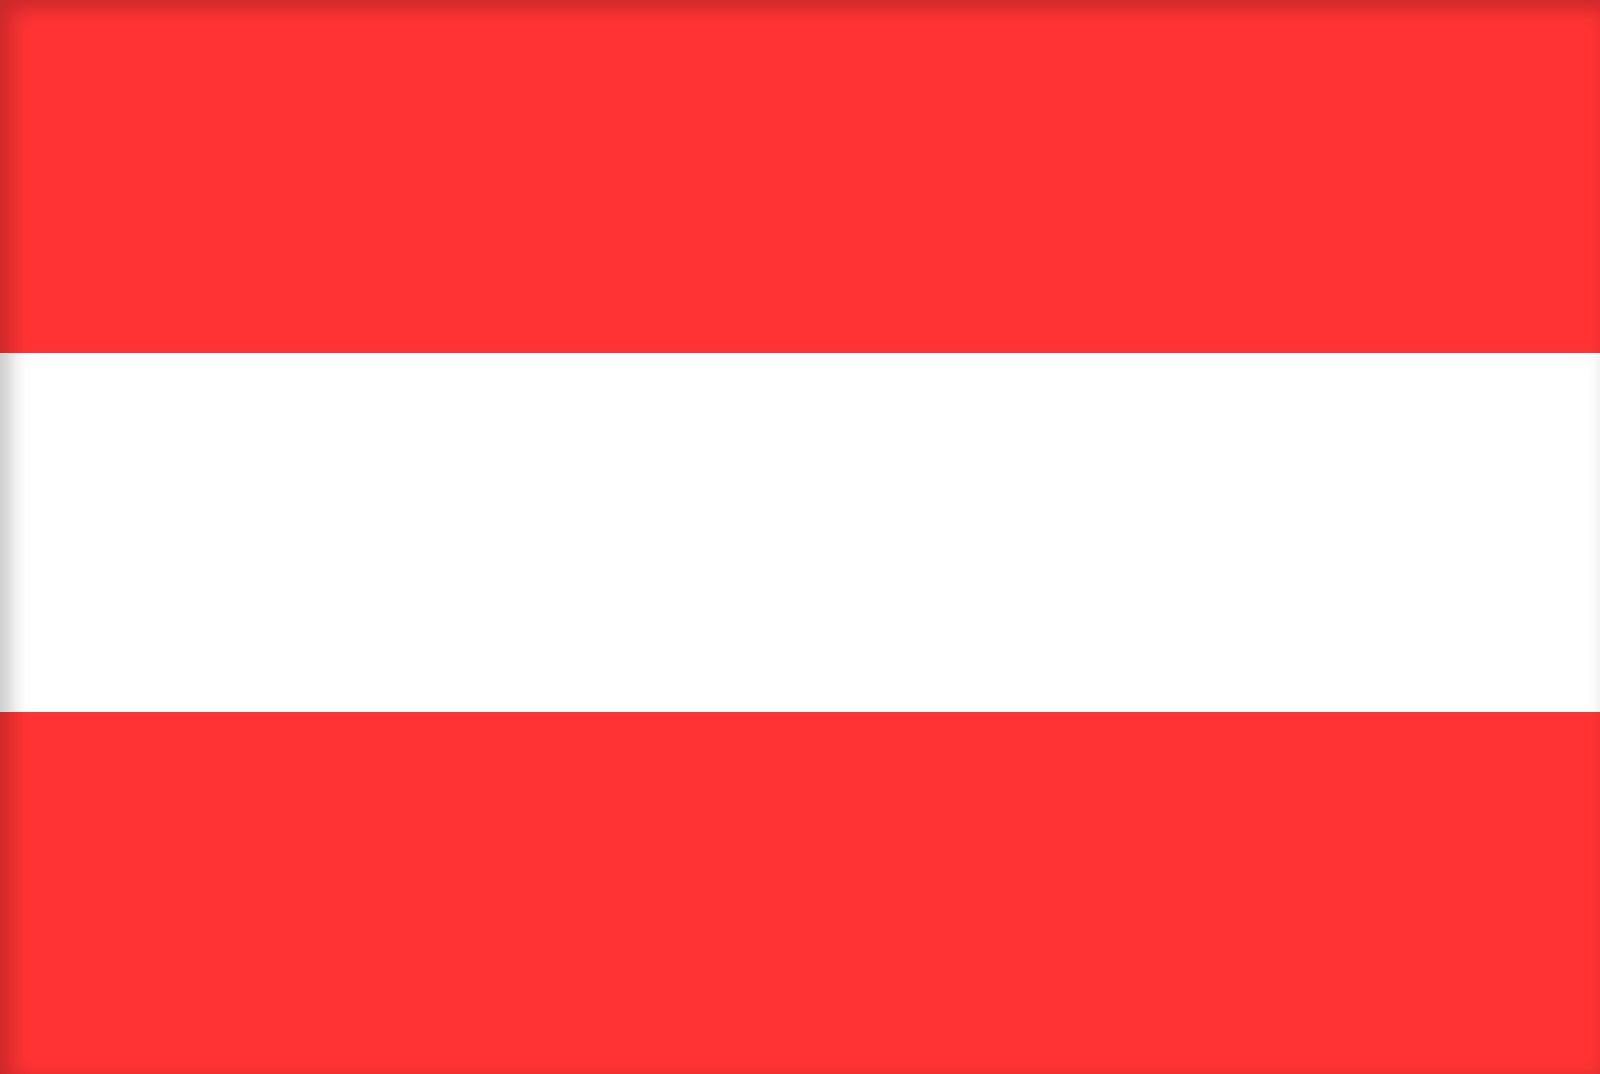 Vlag Oostenrijk Opsneeuwvakantie